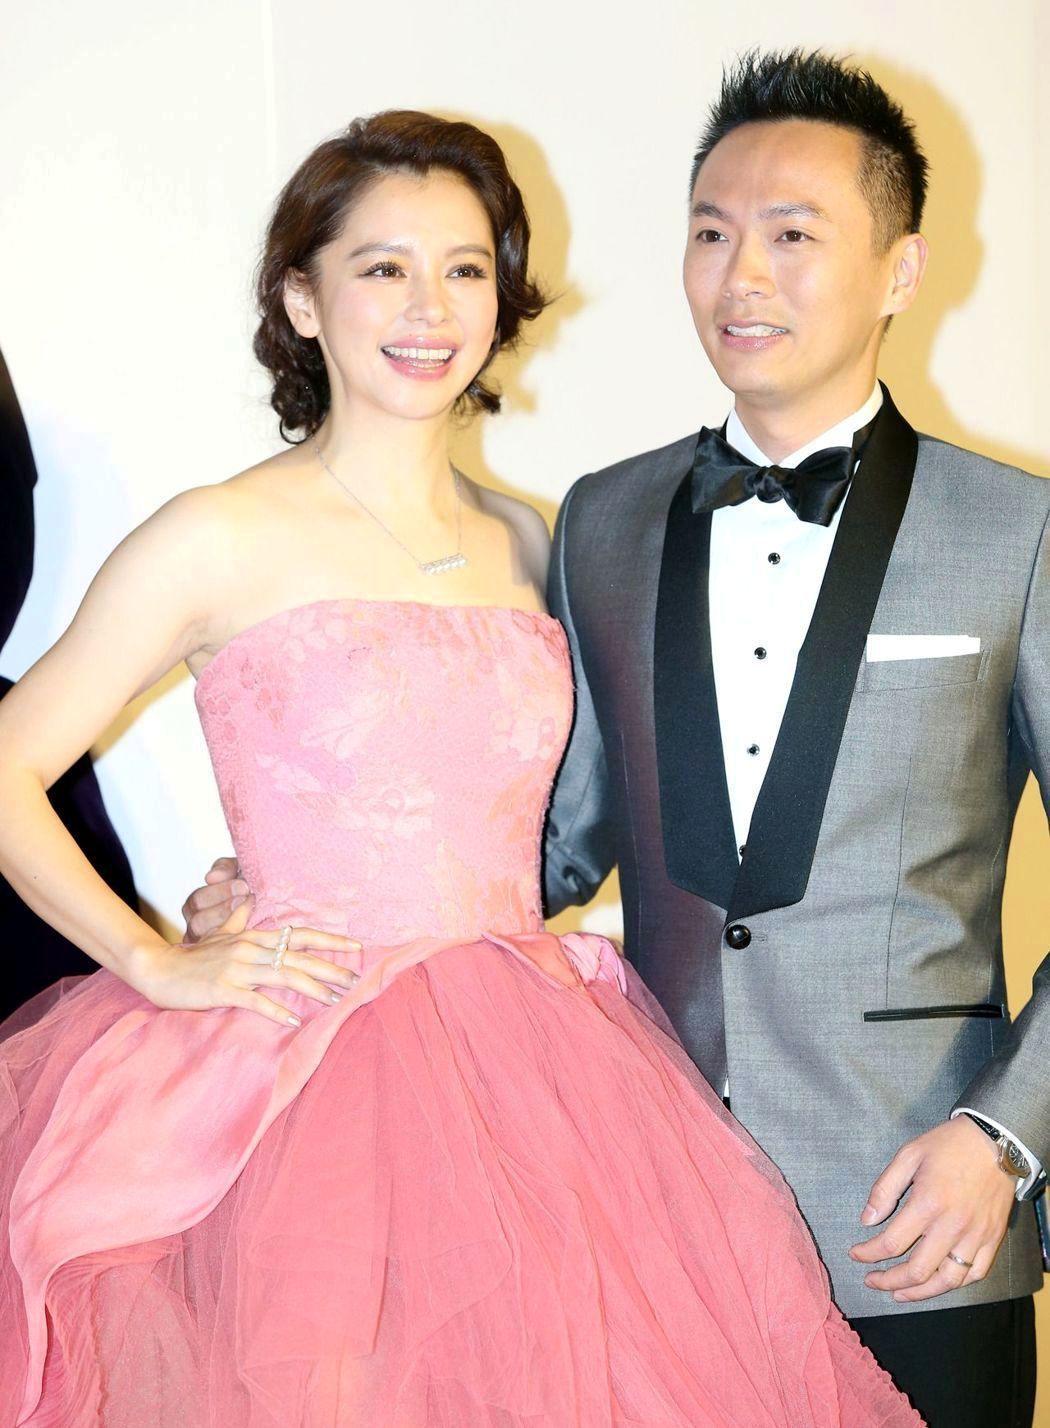 徐若瑄(左)與李雲峰(右)結婚多年,感情依舊甜蜜。圖/本報資料照